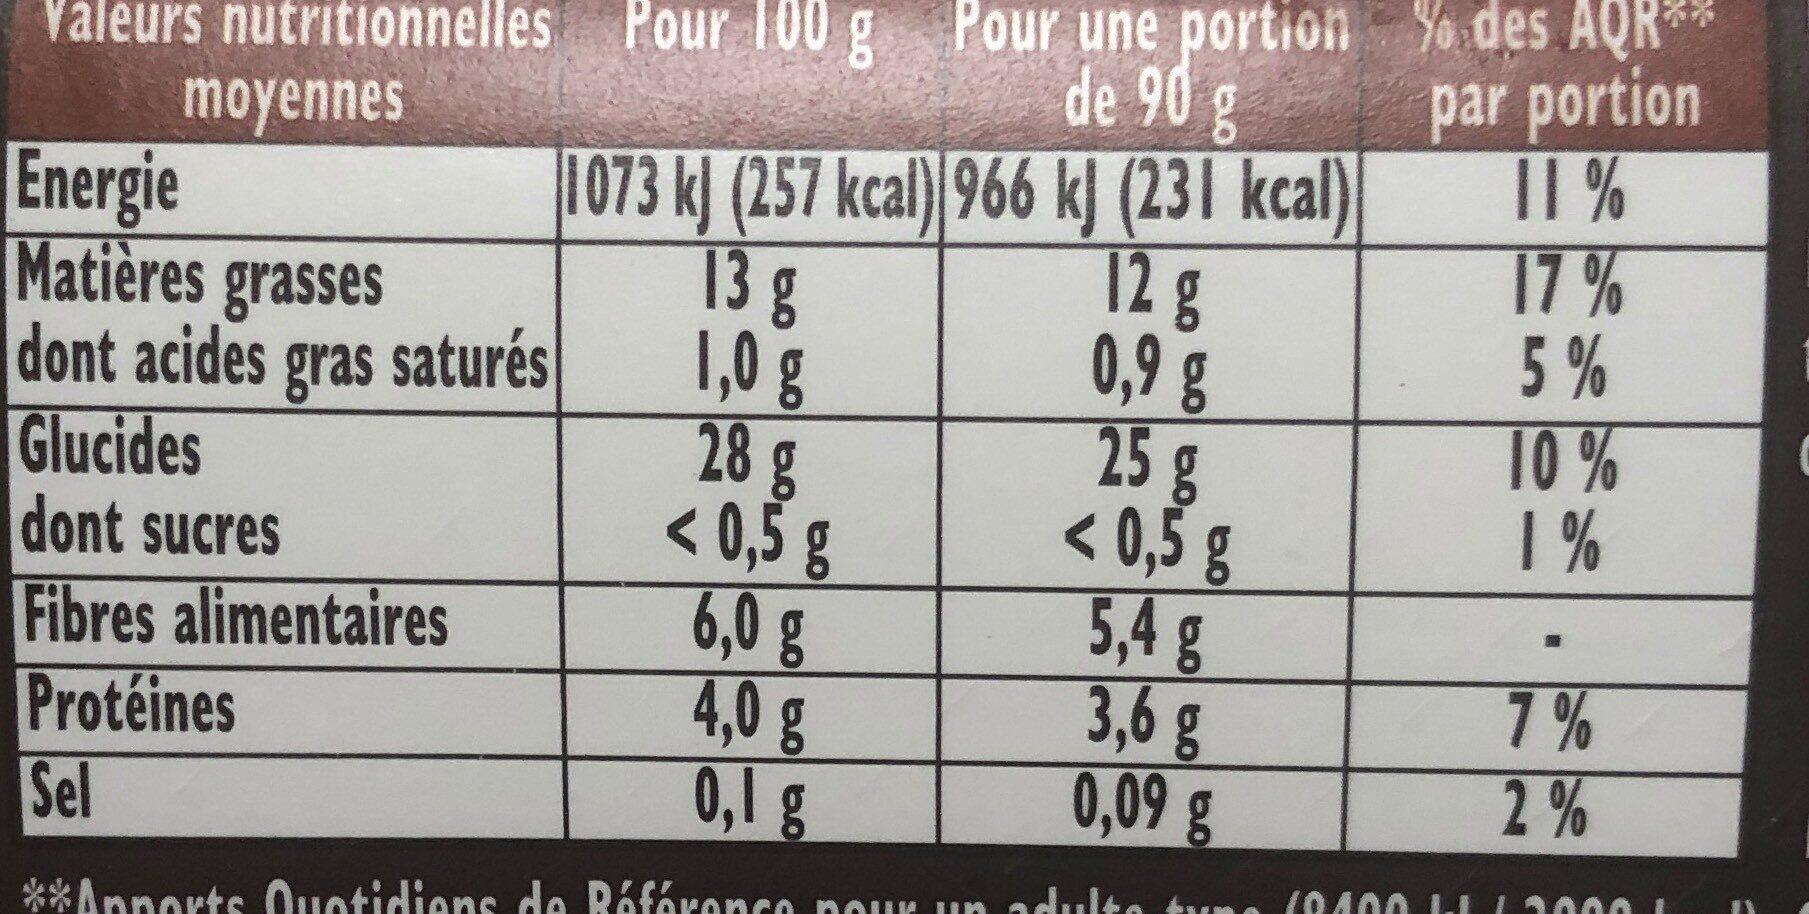 Frites crousti'express la classiqu - Informations nutritionnelles - fr